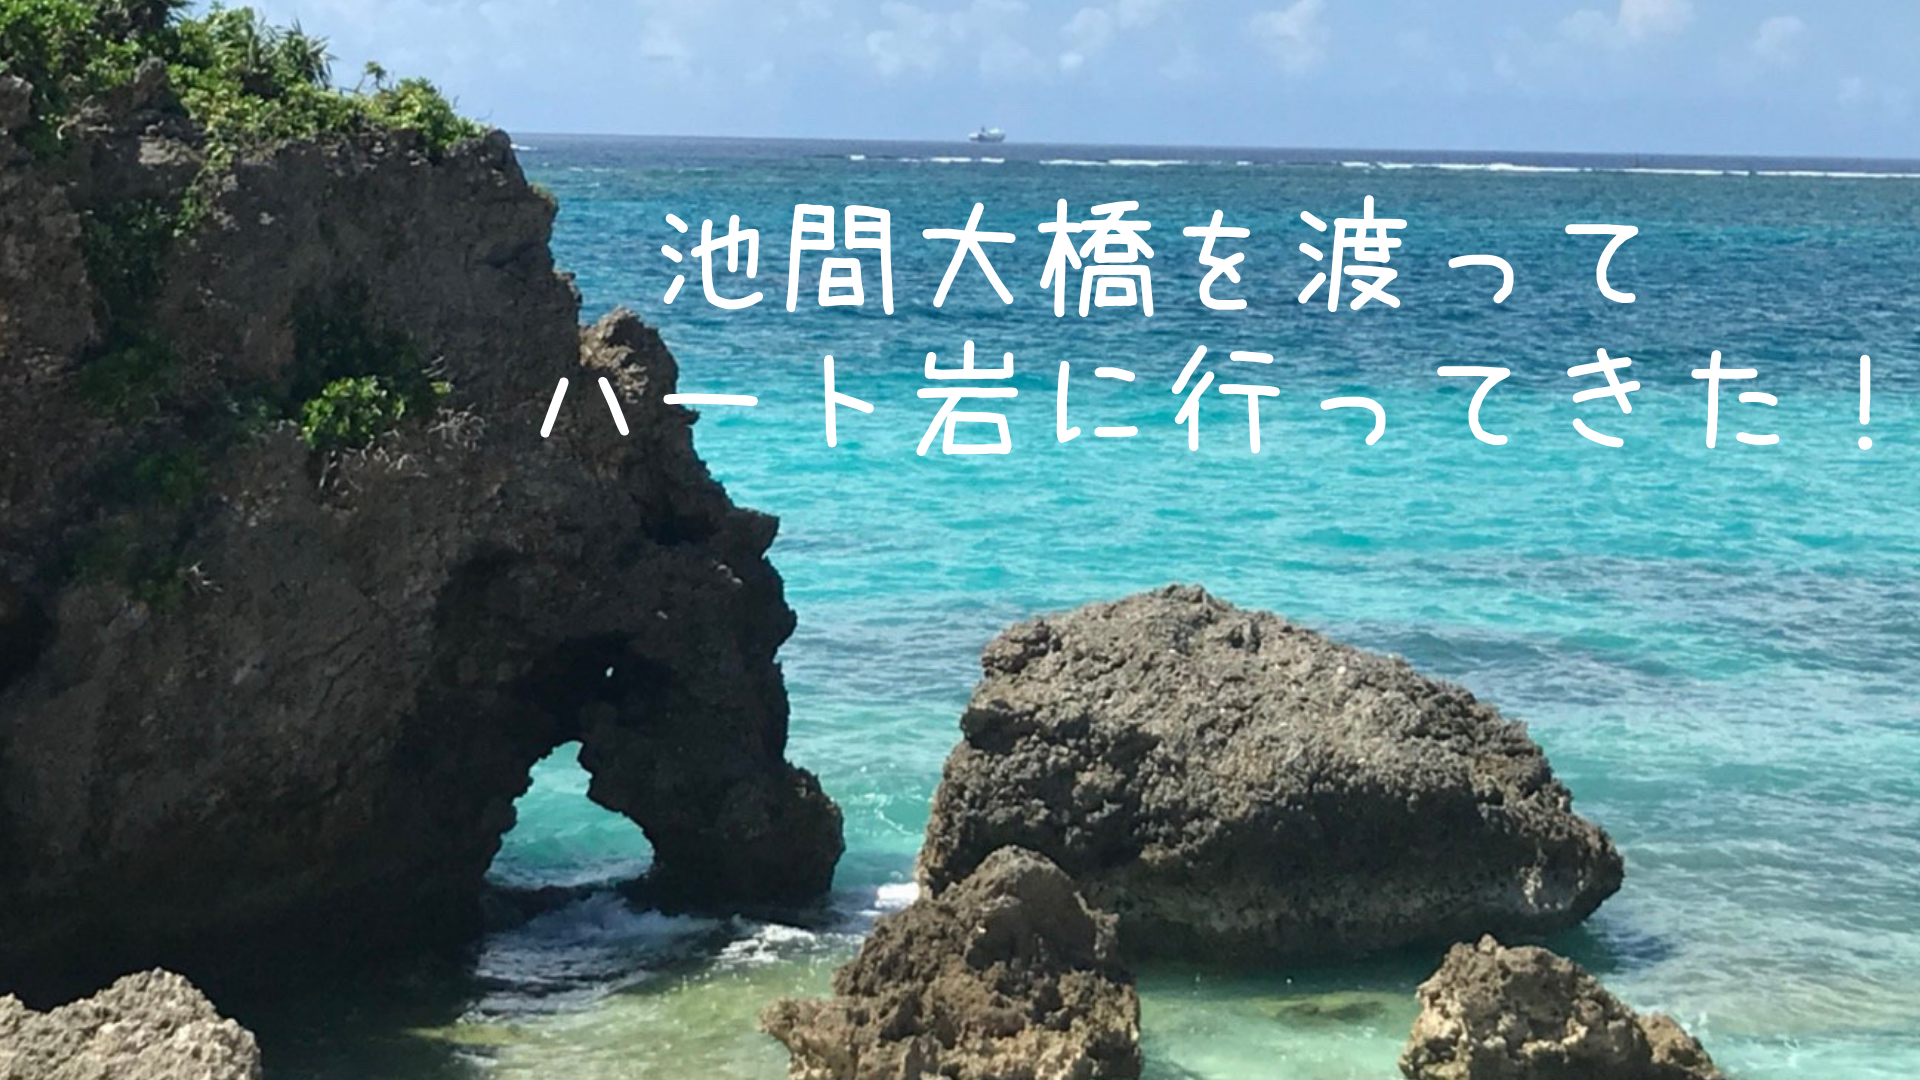 【アラフィフ宮古島一人旅】池間島にあるハート岩のアクセス方法